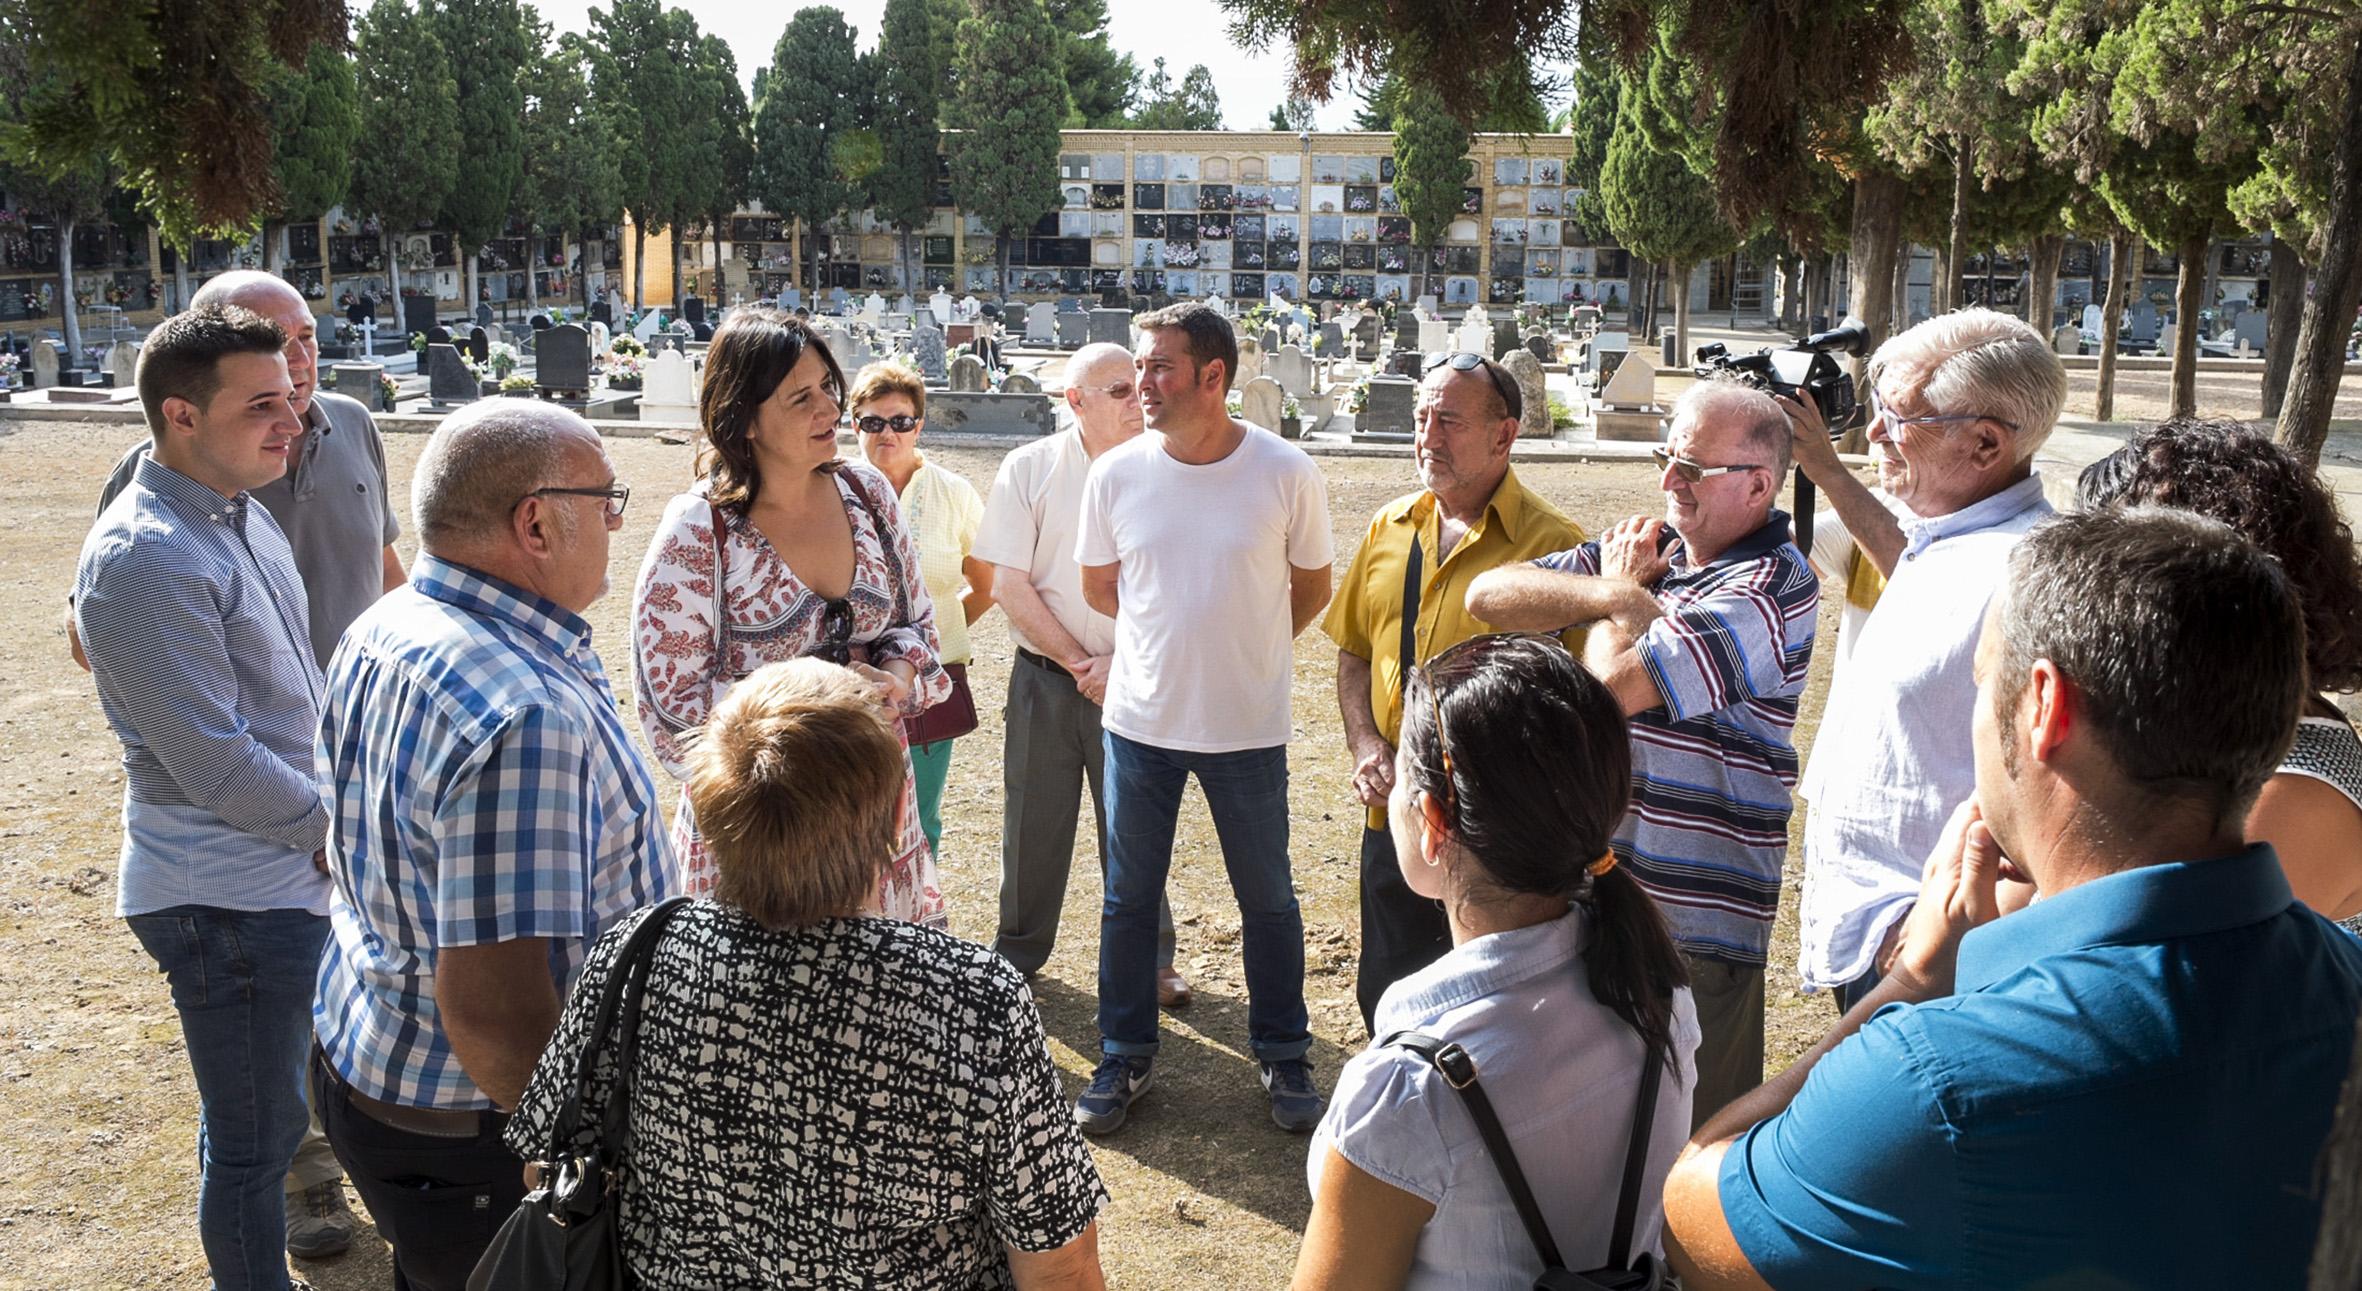 La diputada Rosa Pérez Garijo y familiares de las víctimas tras la exhumación de las fosas 54 y 55 del cementerio de Paterna.